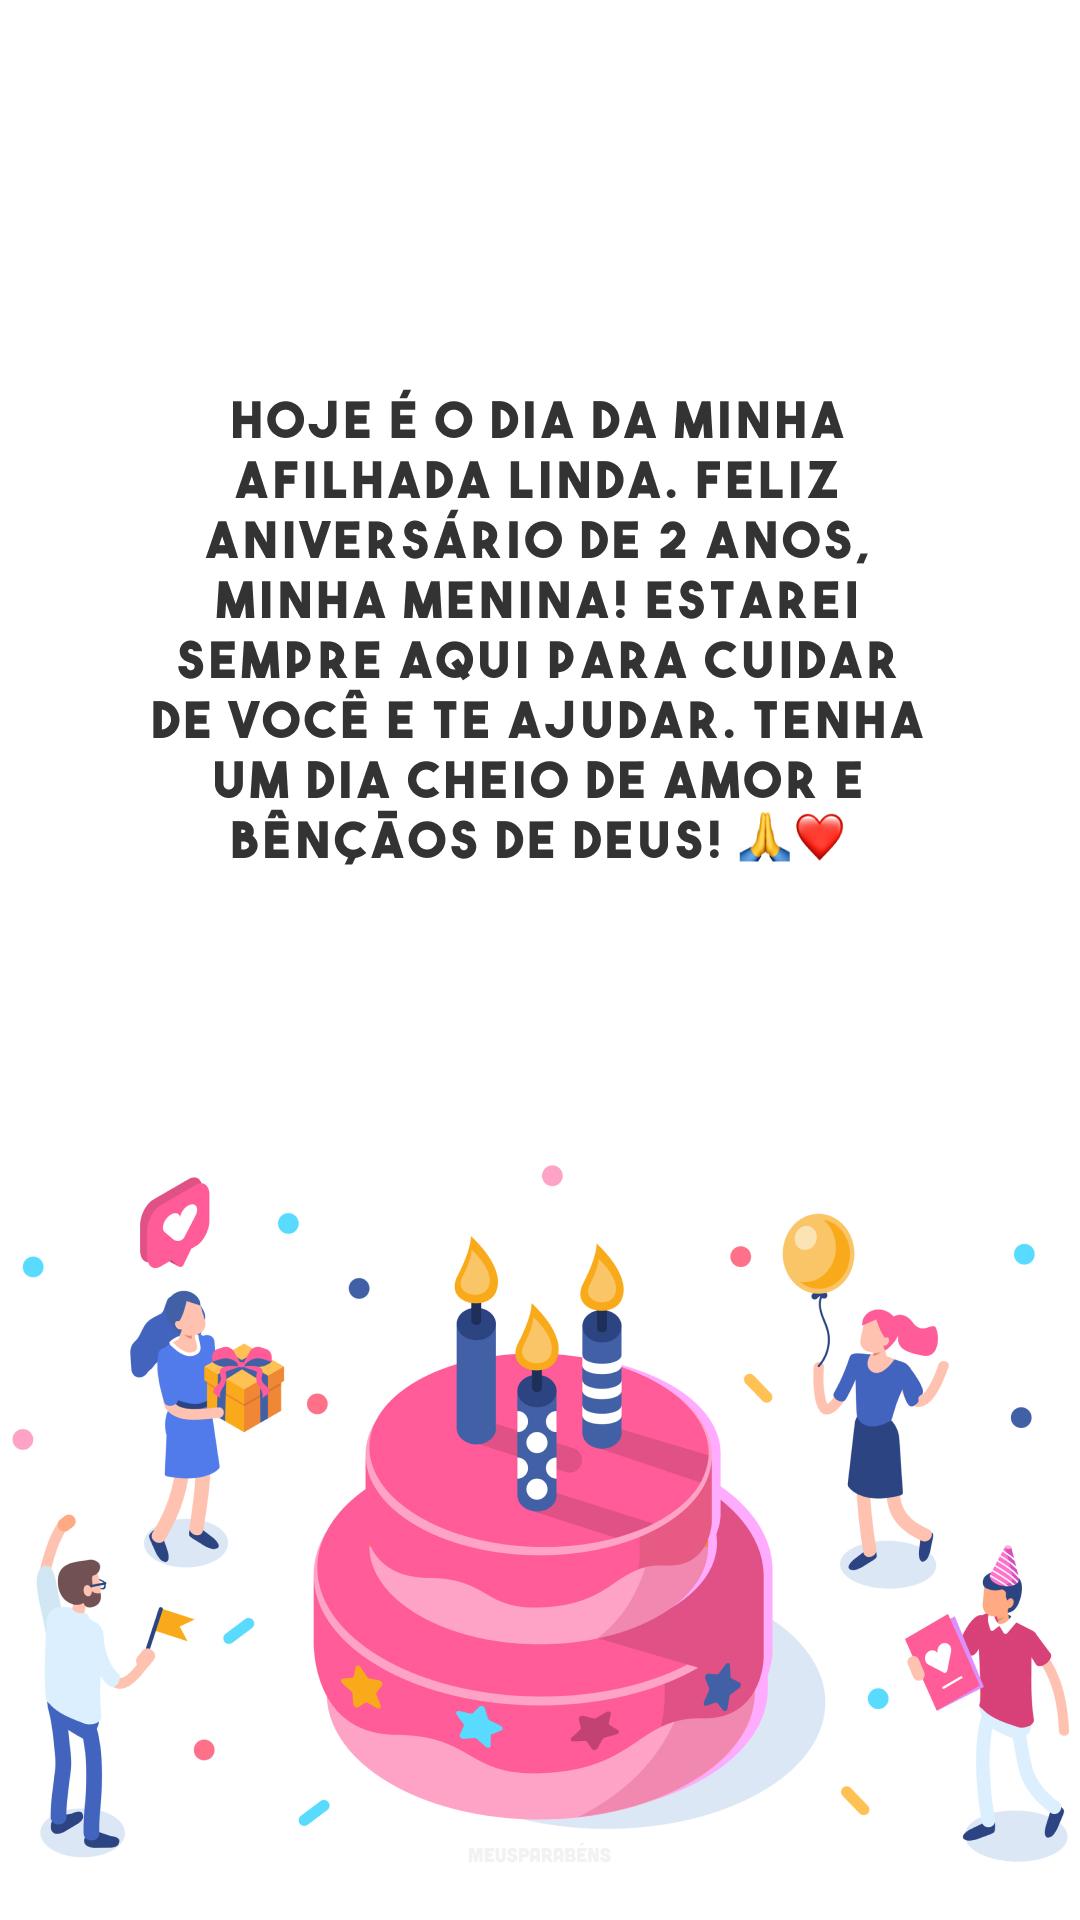 Hoje é o dia da minha afilhada linda. Feliz aniversário de 2 anos, minha menina! Estarei sempre aqui para cuidar de você e te ajudar. Tenha um dia cheio de amor e bênçãos de Deus! 🙏❤️